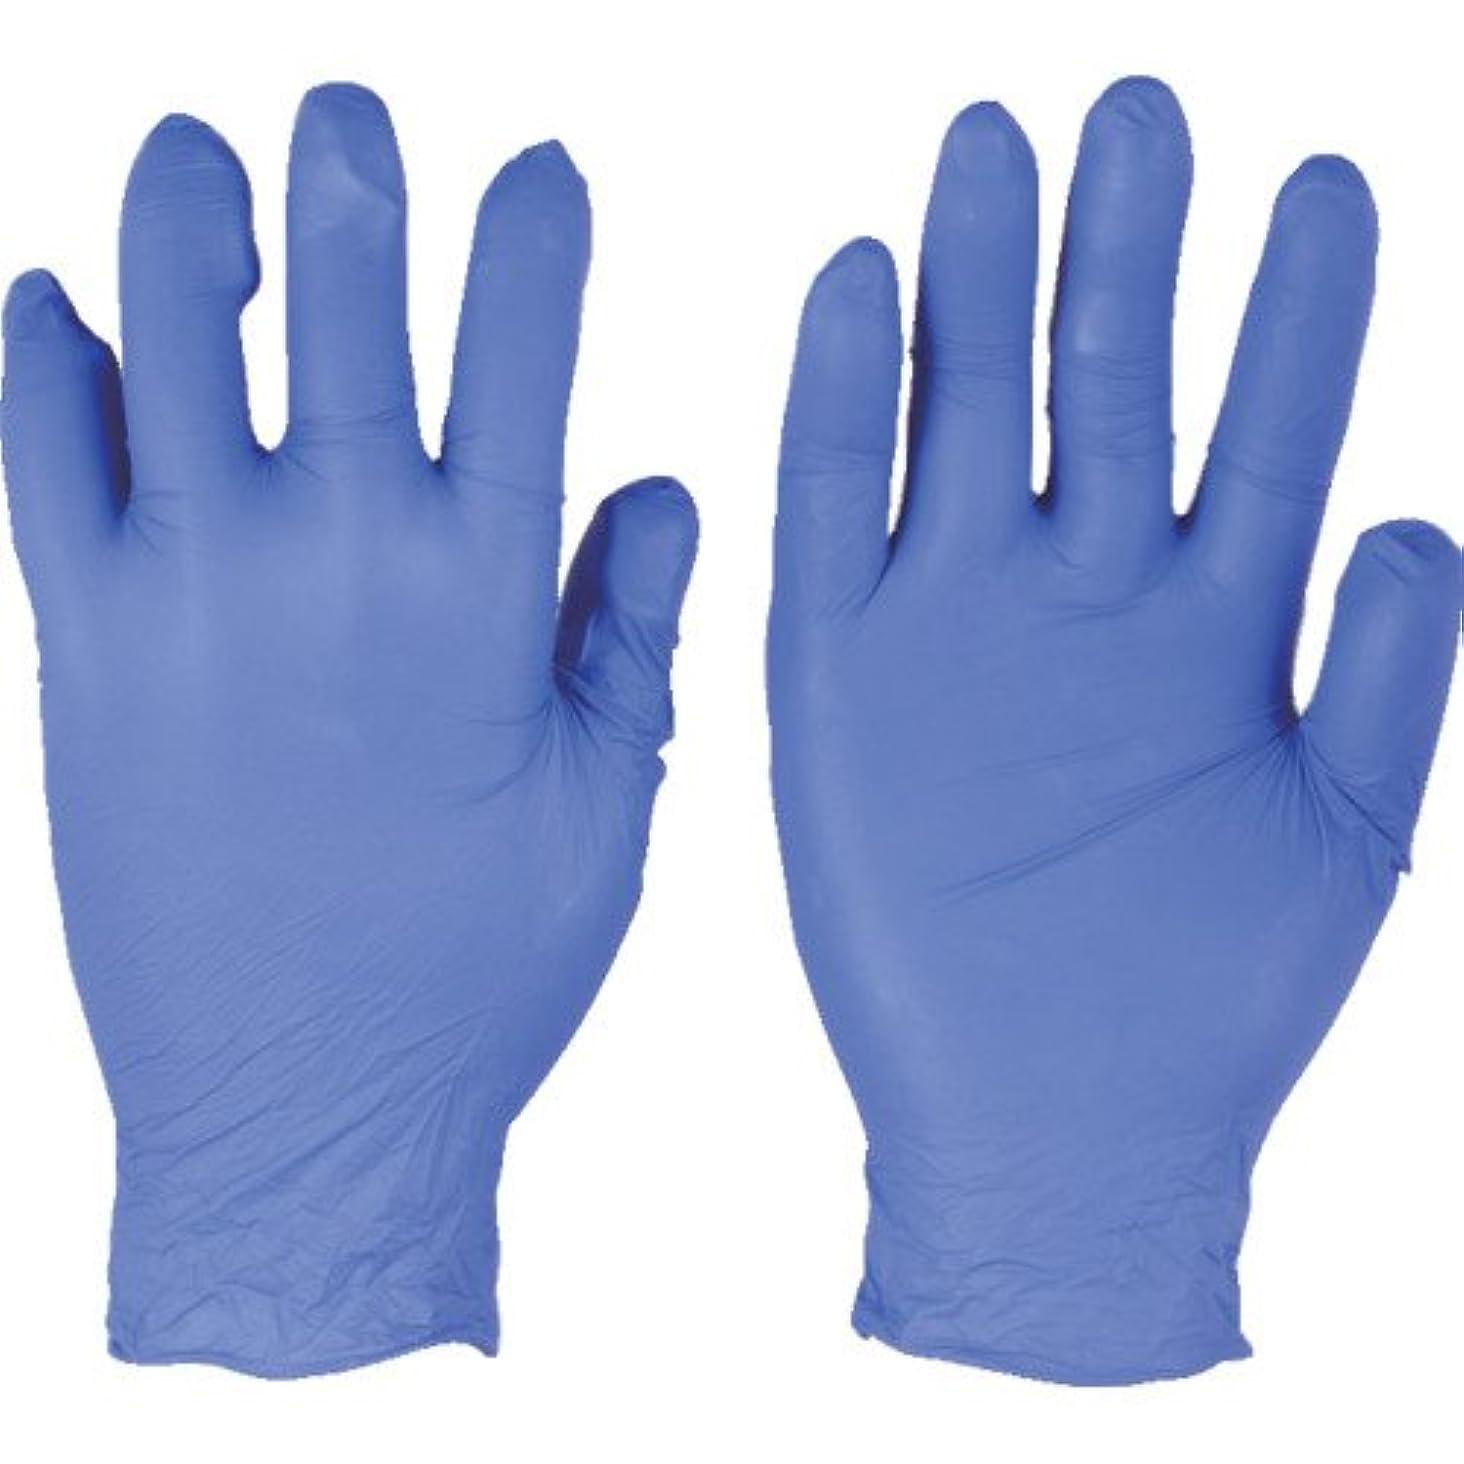 ルーキーリハーサルクレータートラスコ中山 アンセル ニトリルゴム使い捨て手袋 エッジ 82-133 XLサイズ(250枚入)   8213310